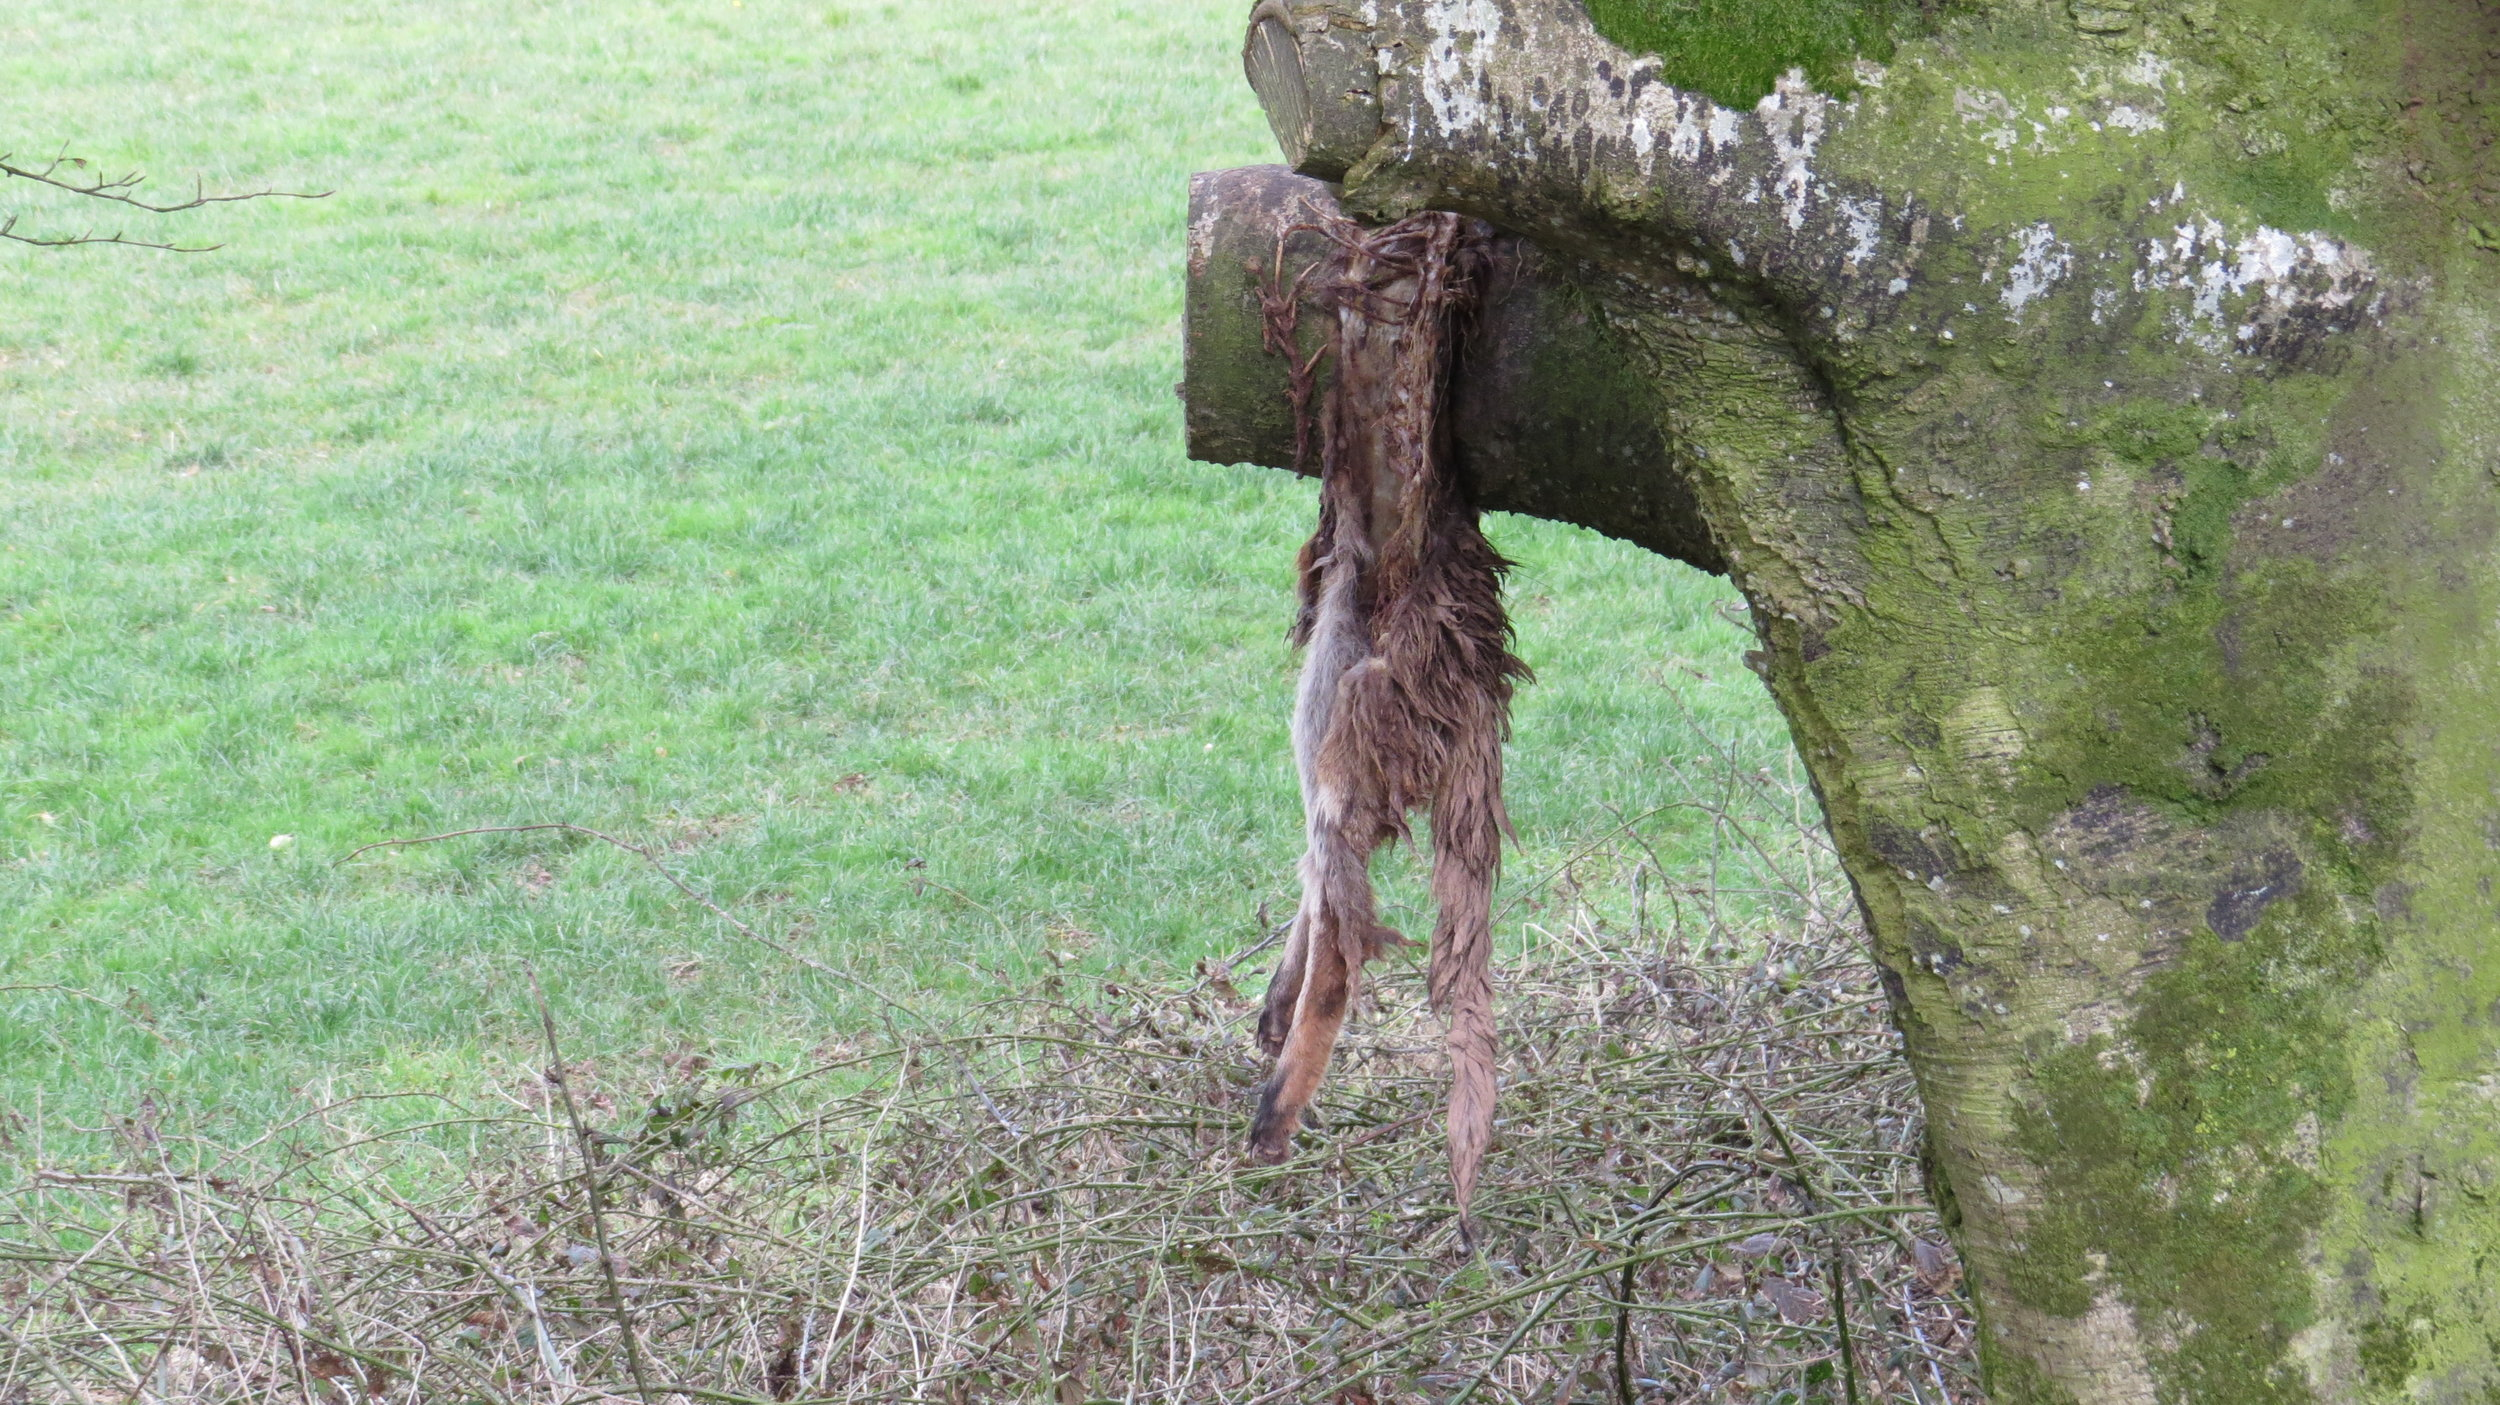 Fox Hung Up